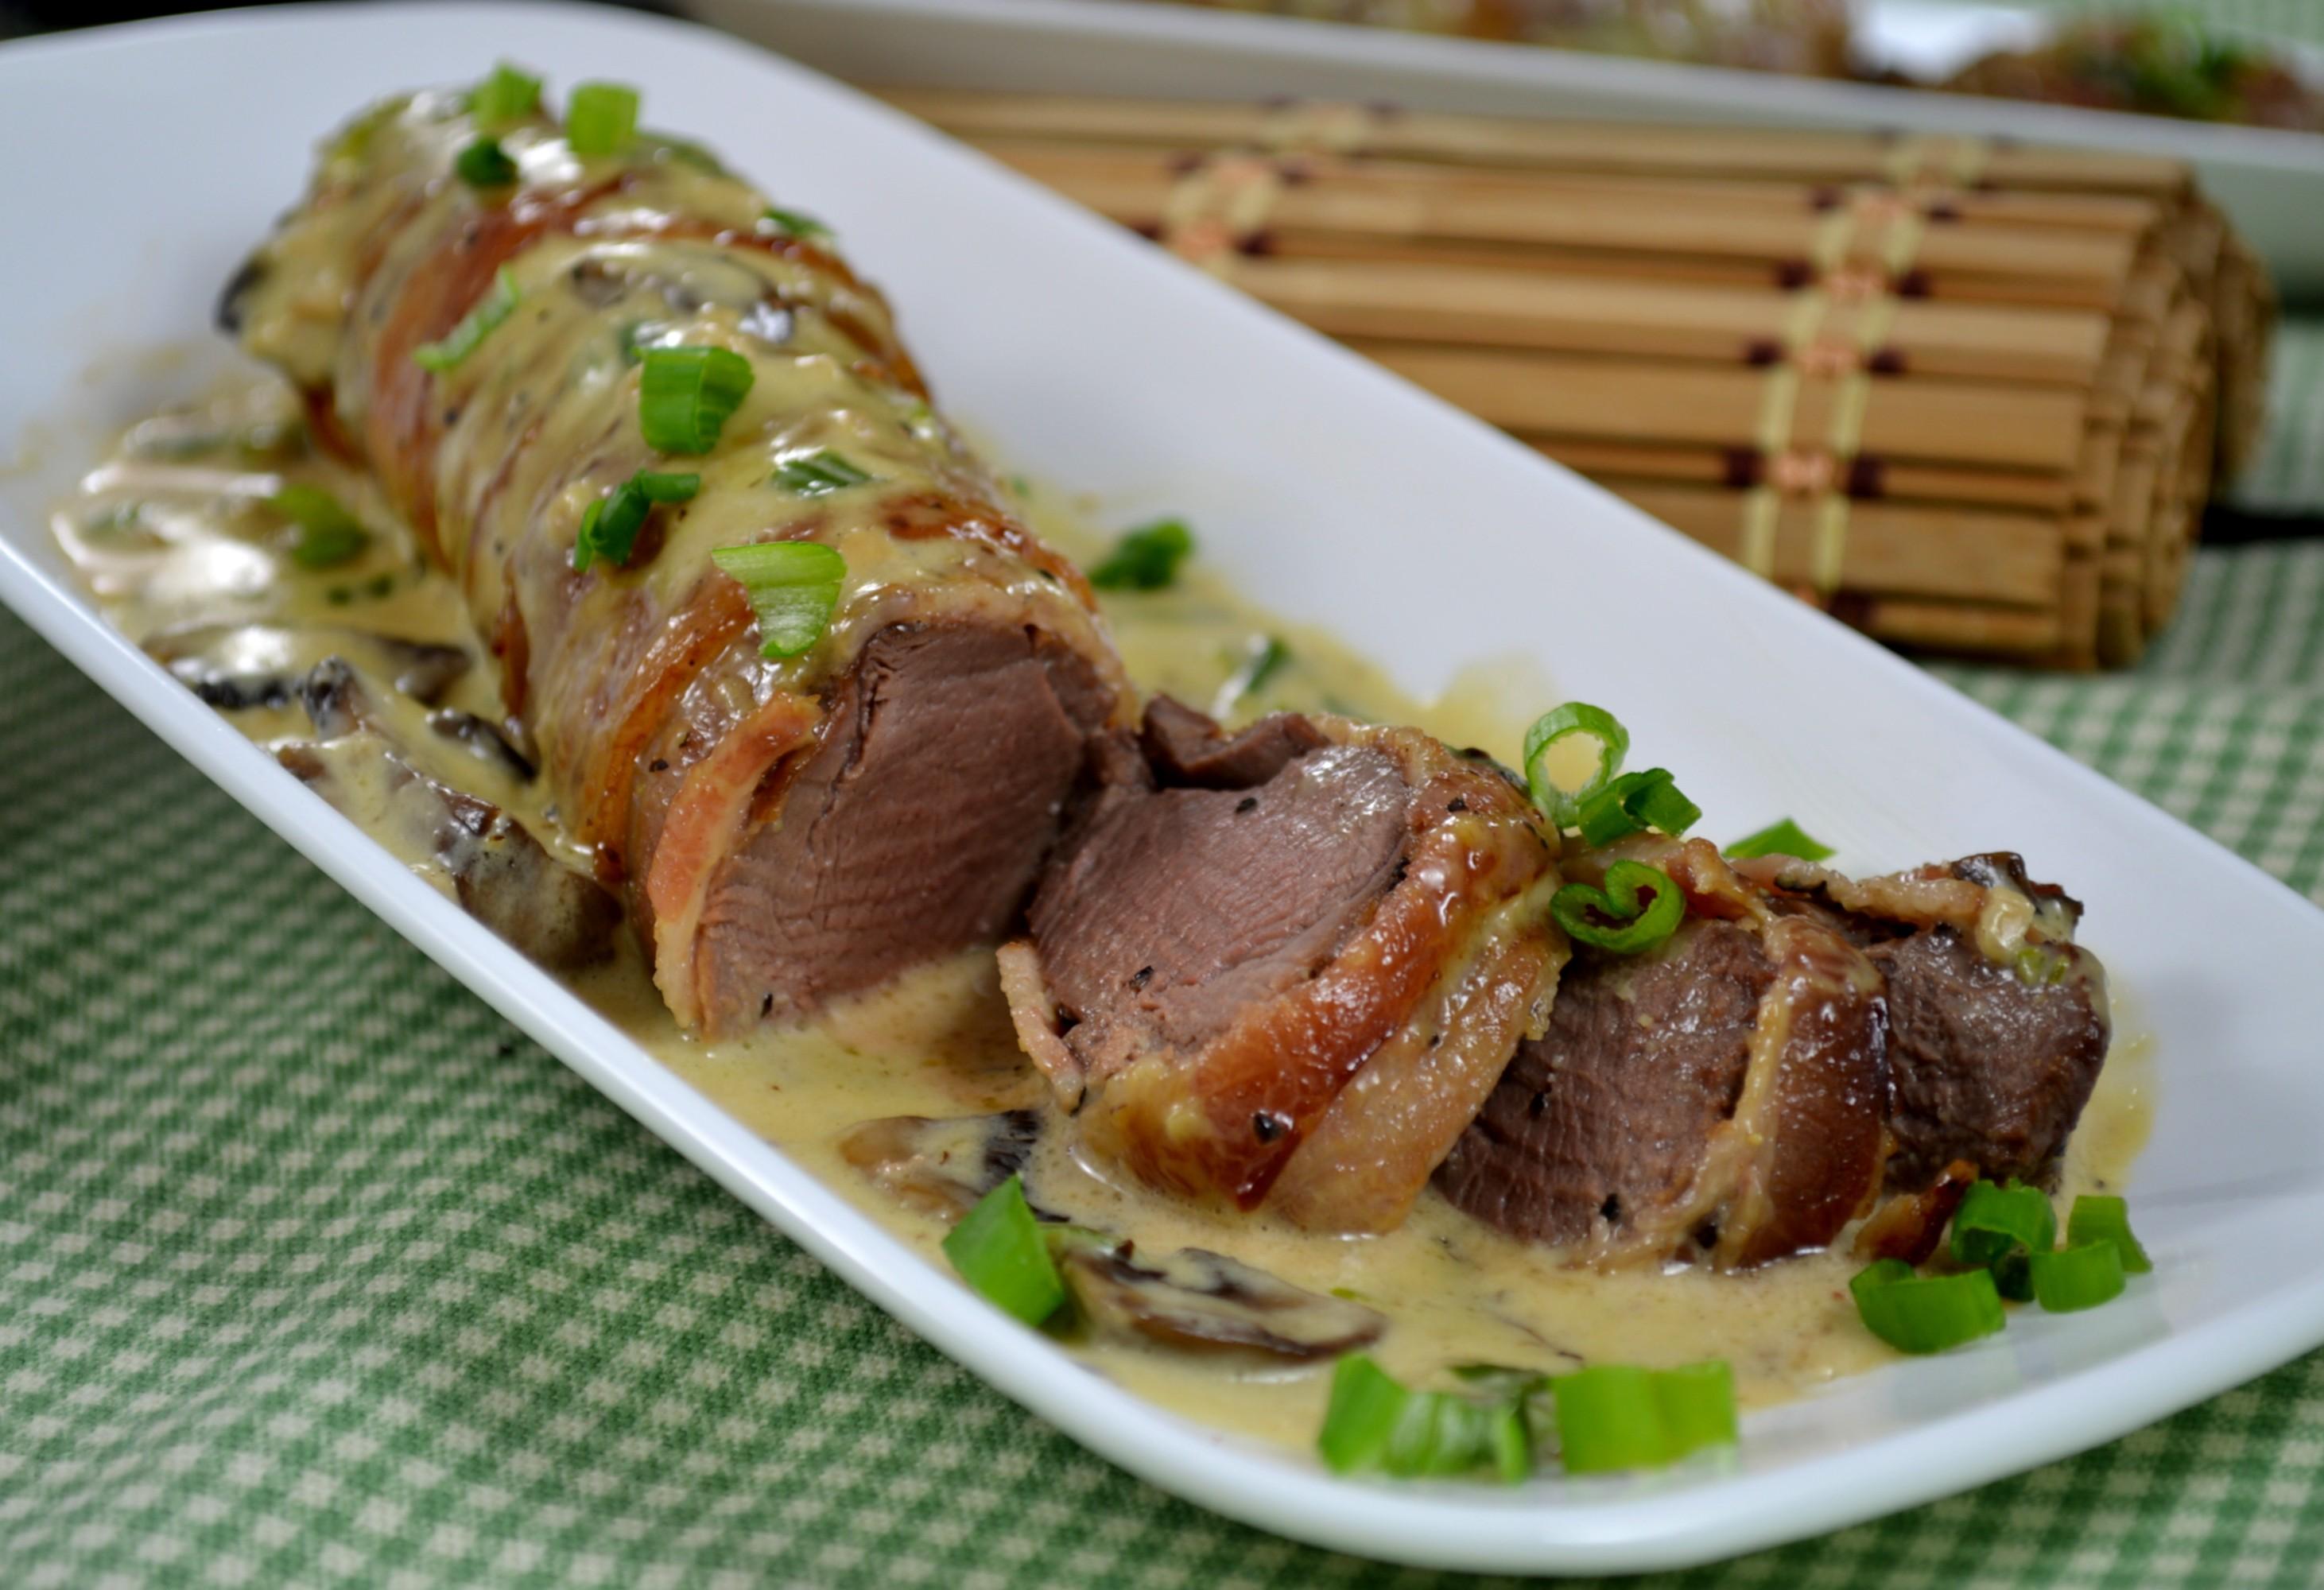 Bacon-Wrapped Venison Tenderloin with Garlic Cream Sauce